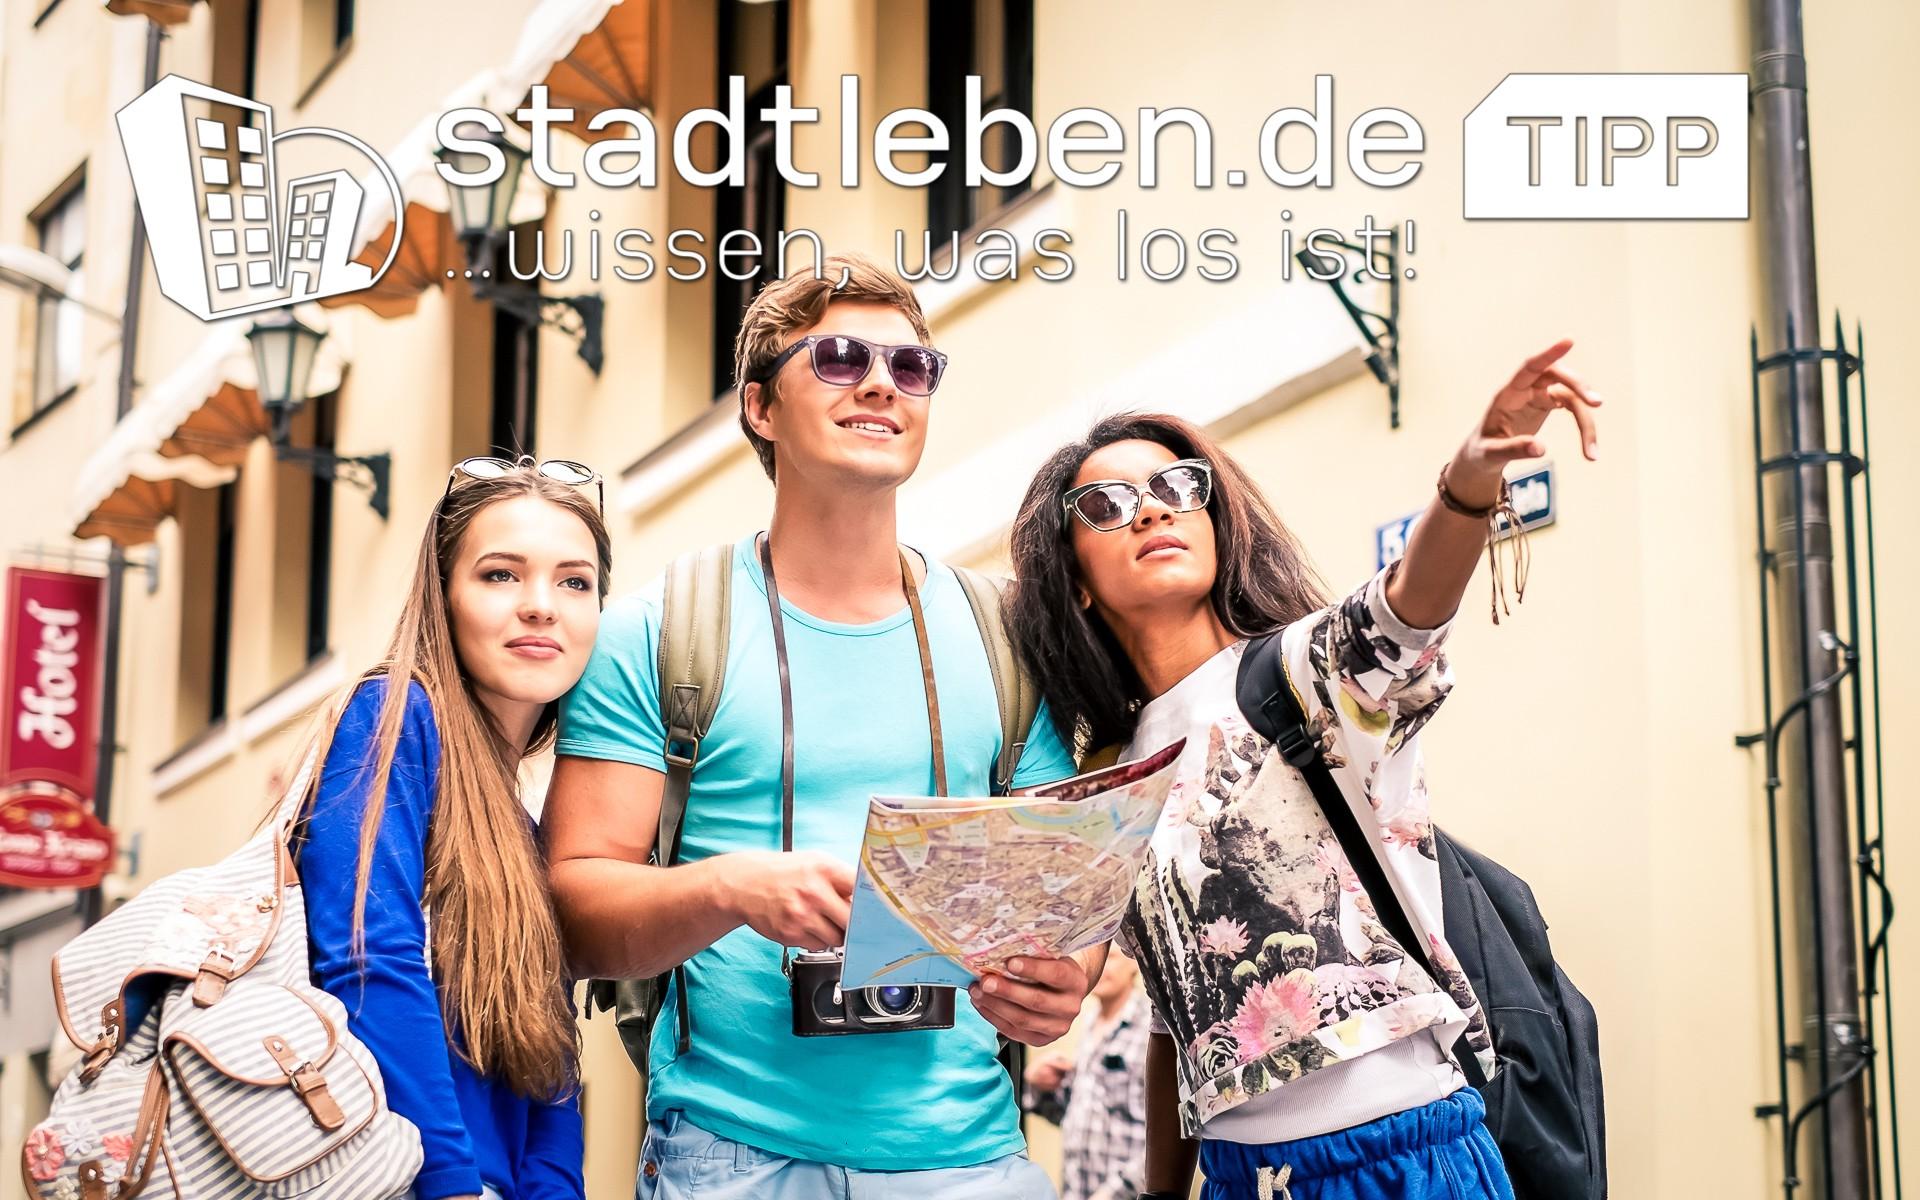 Reisende Personen, Ausflugsziel, Brillen, Kameras, Landkarte, Rucksäcke